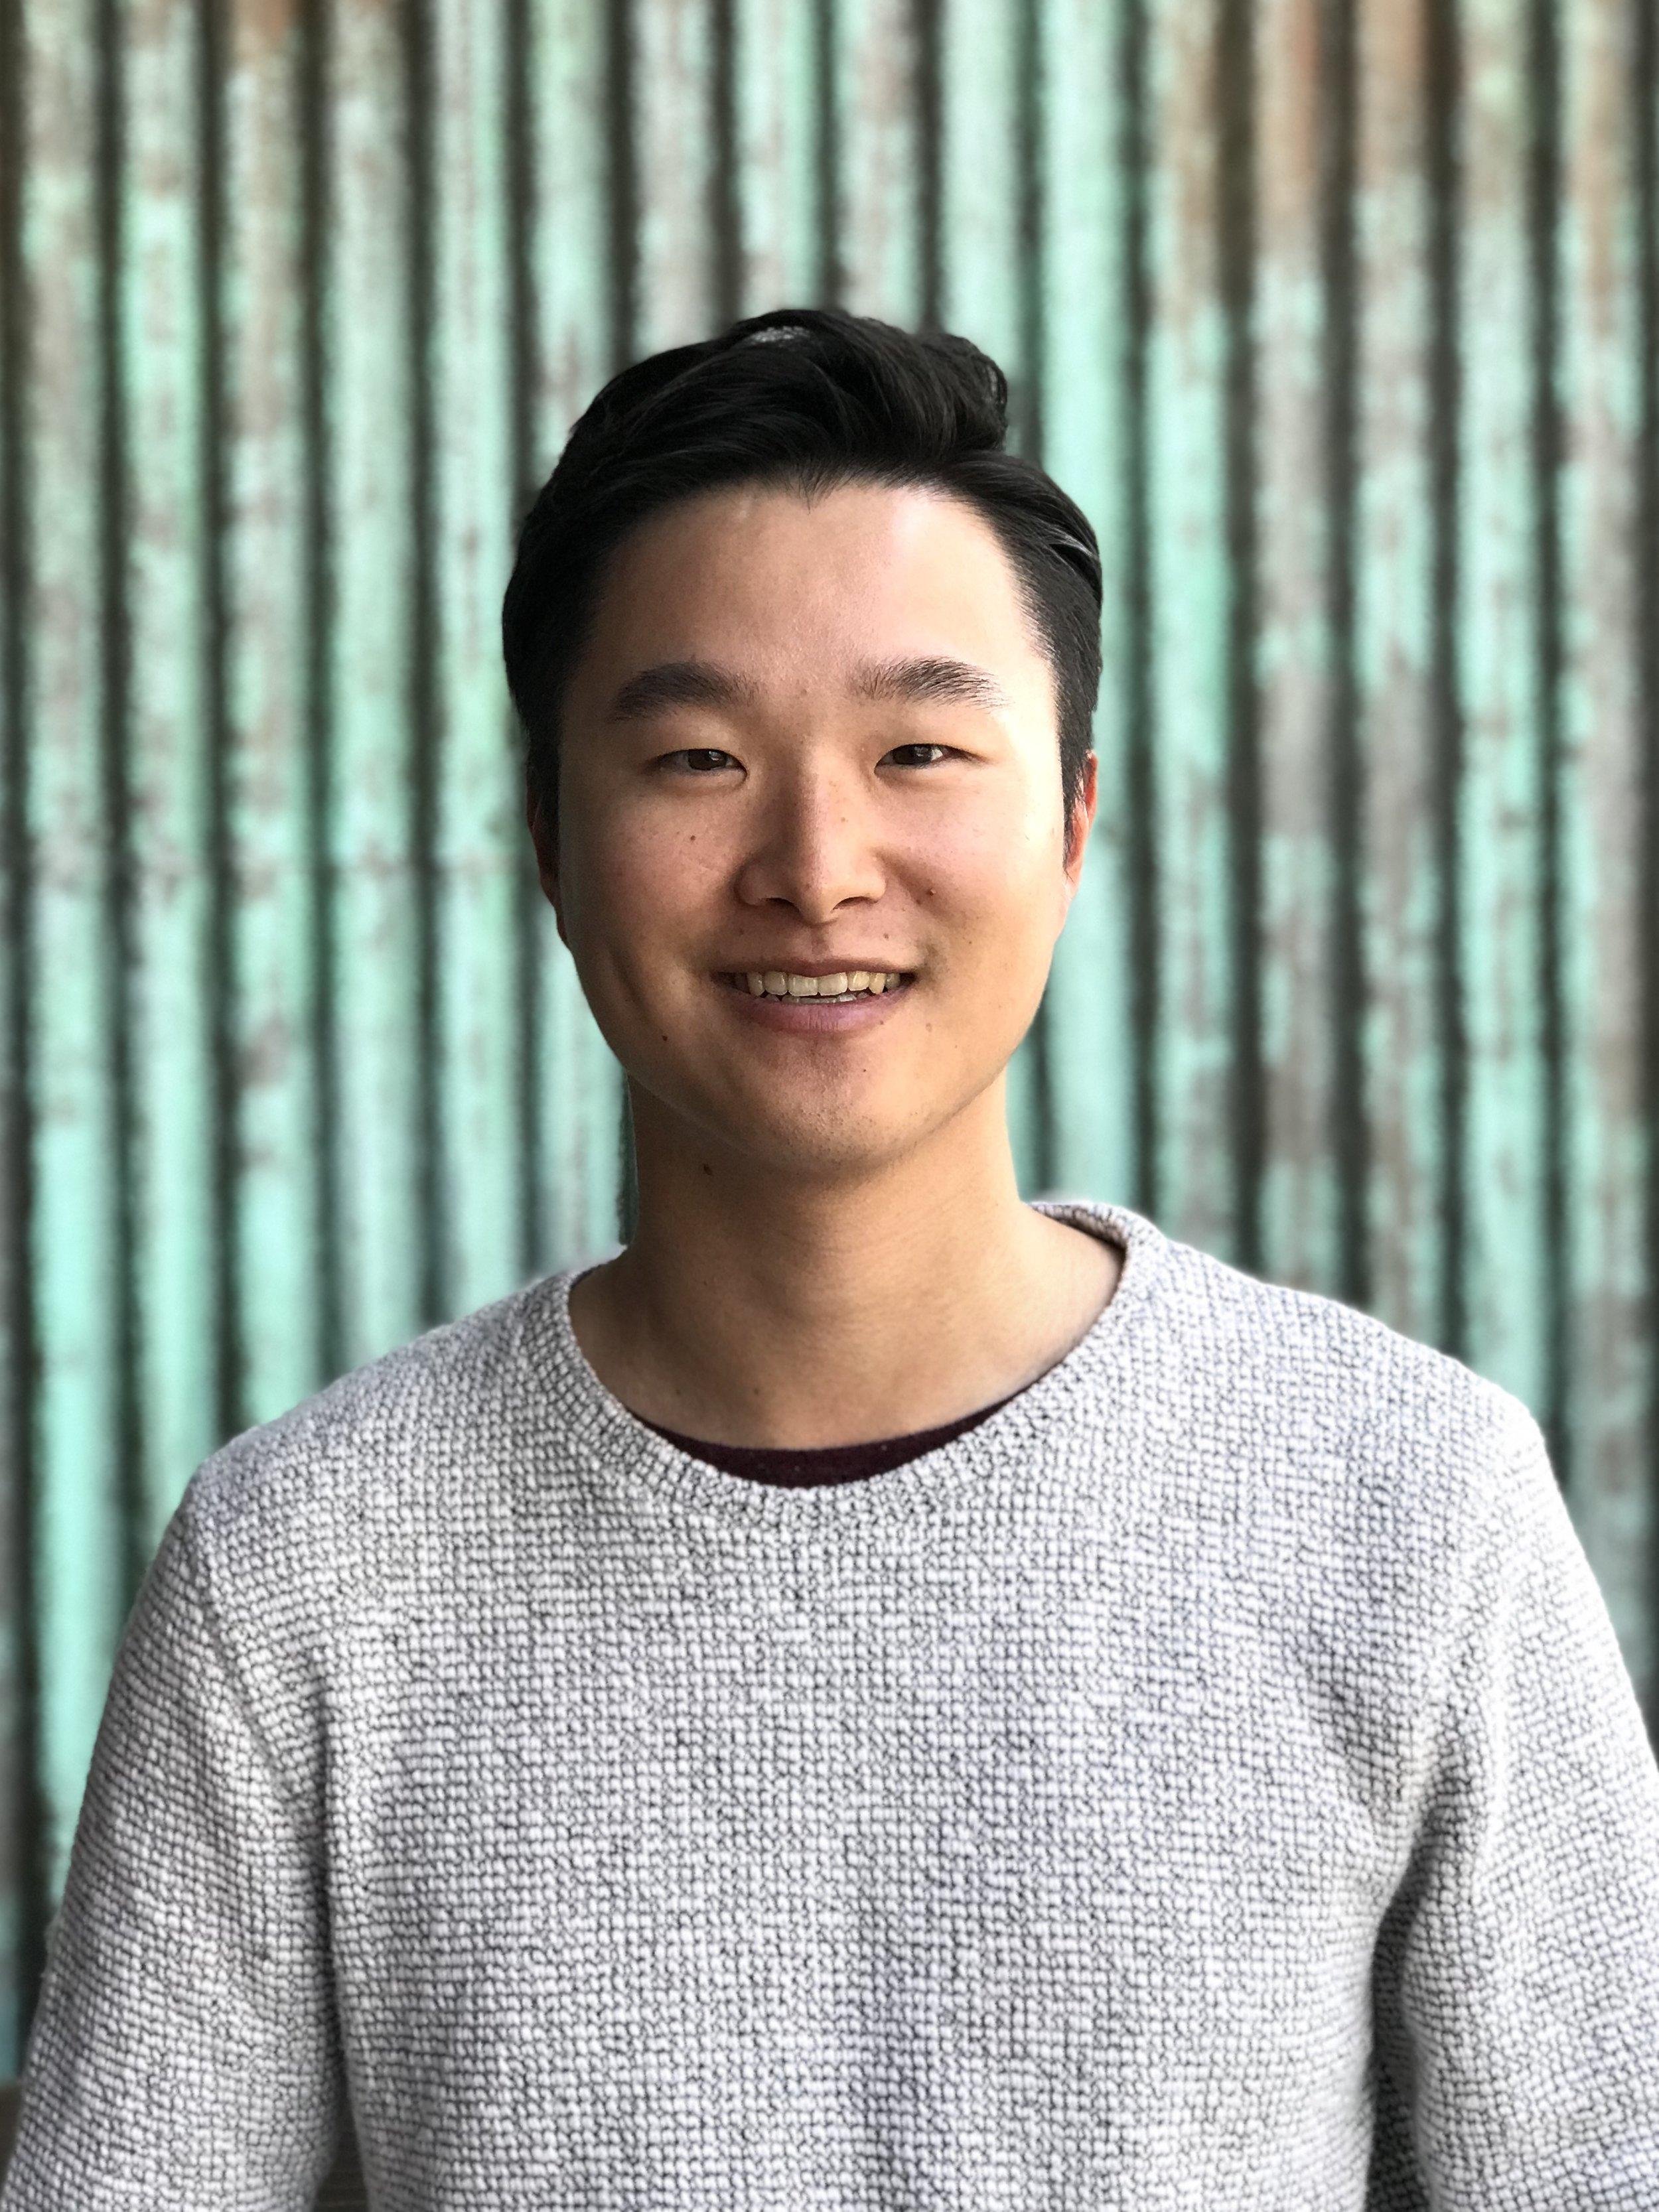 Kevin Lee | Online Pastor, Saddleback Church